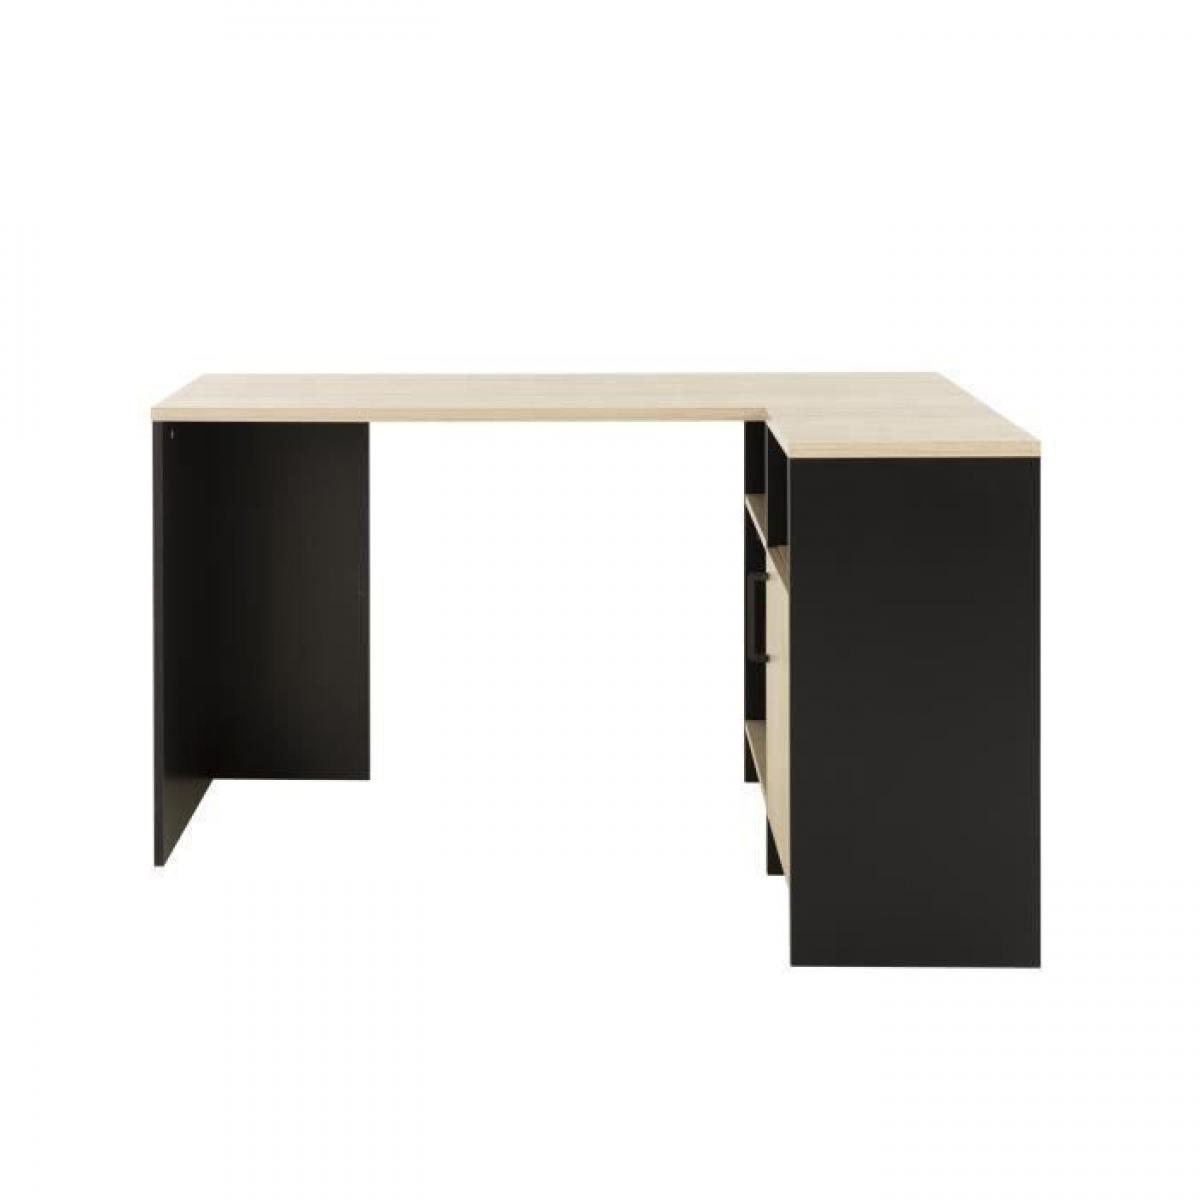 Camif CARDIF Bureau dangle - Decor chene et noir - L 88 x P 136 x H 76 cm